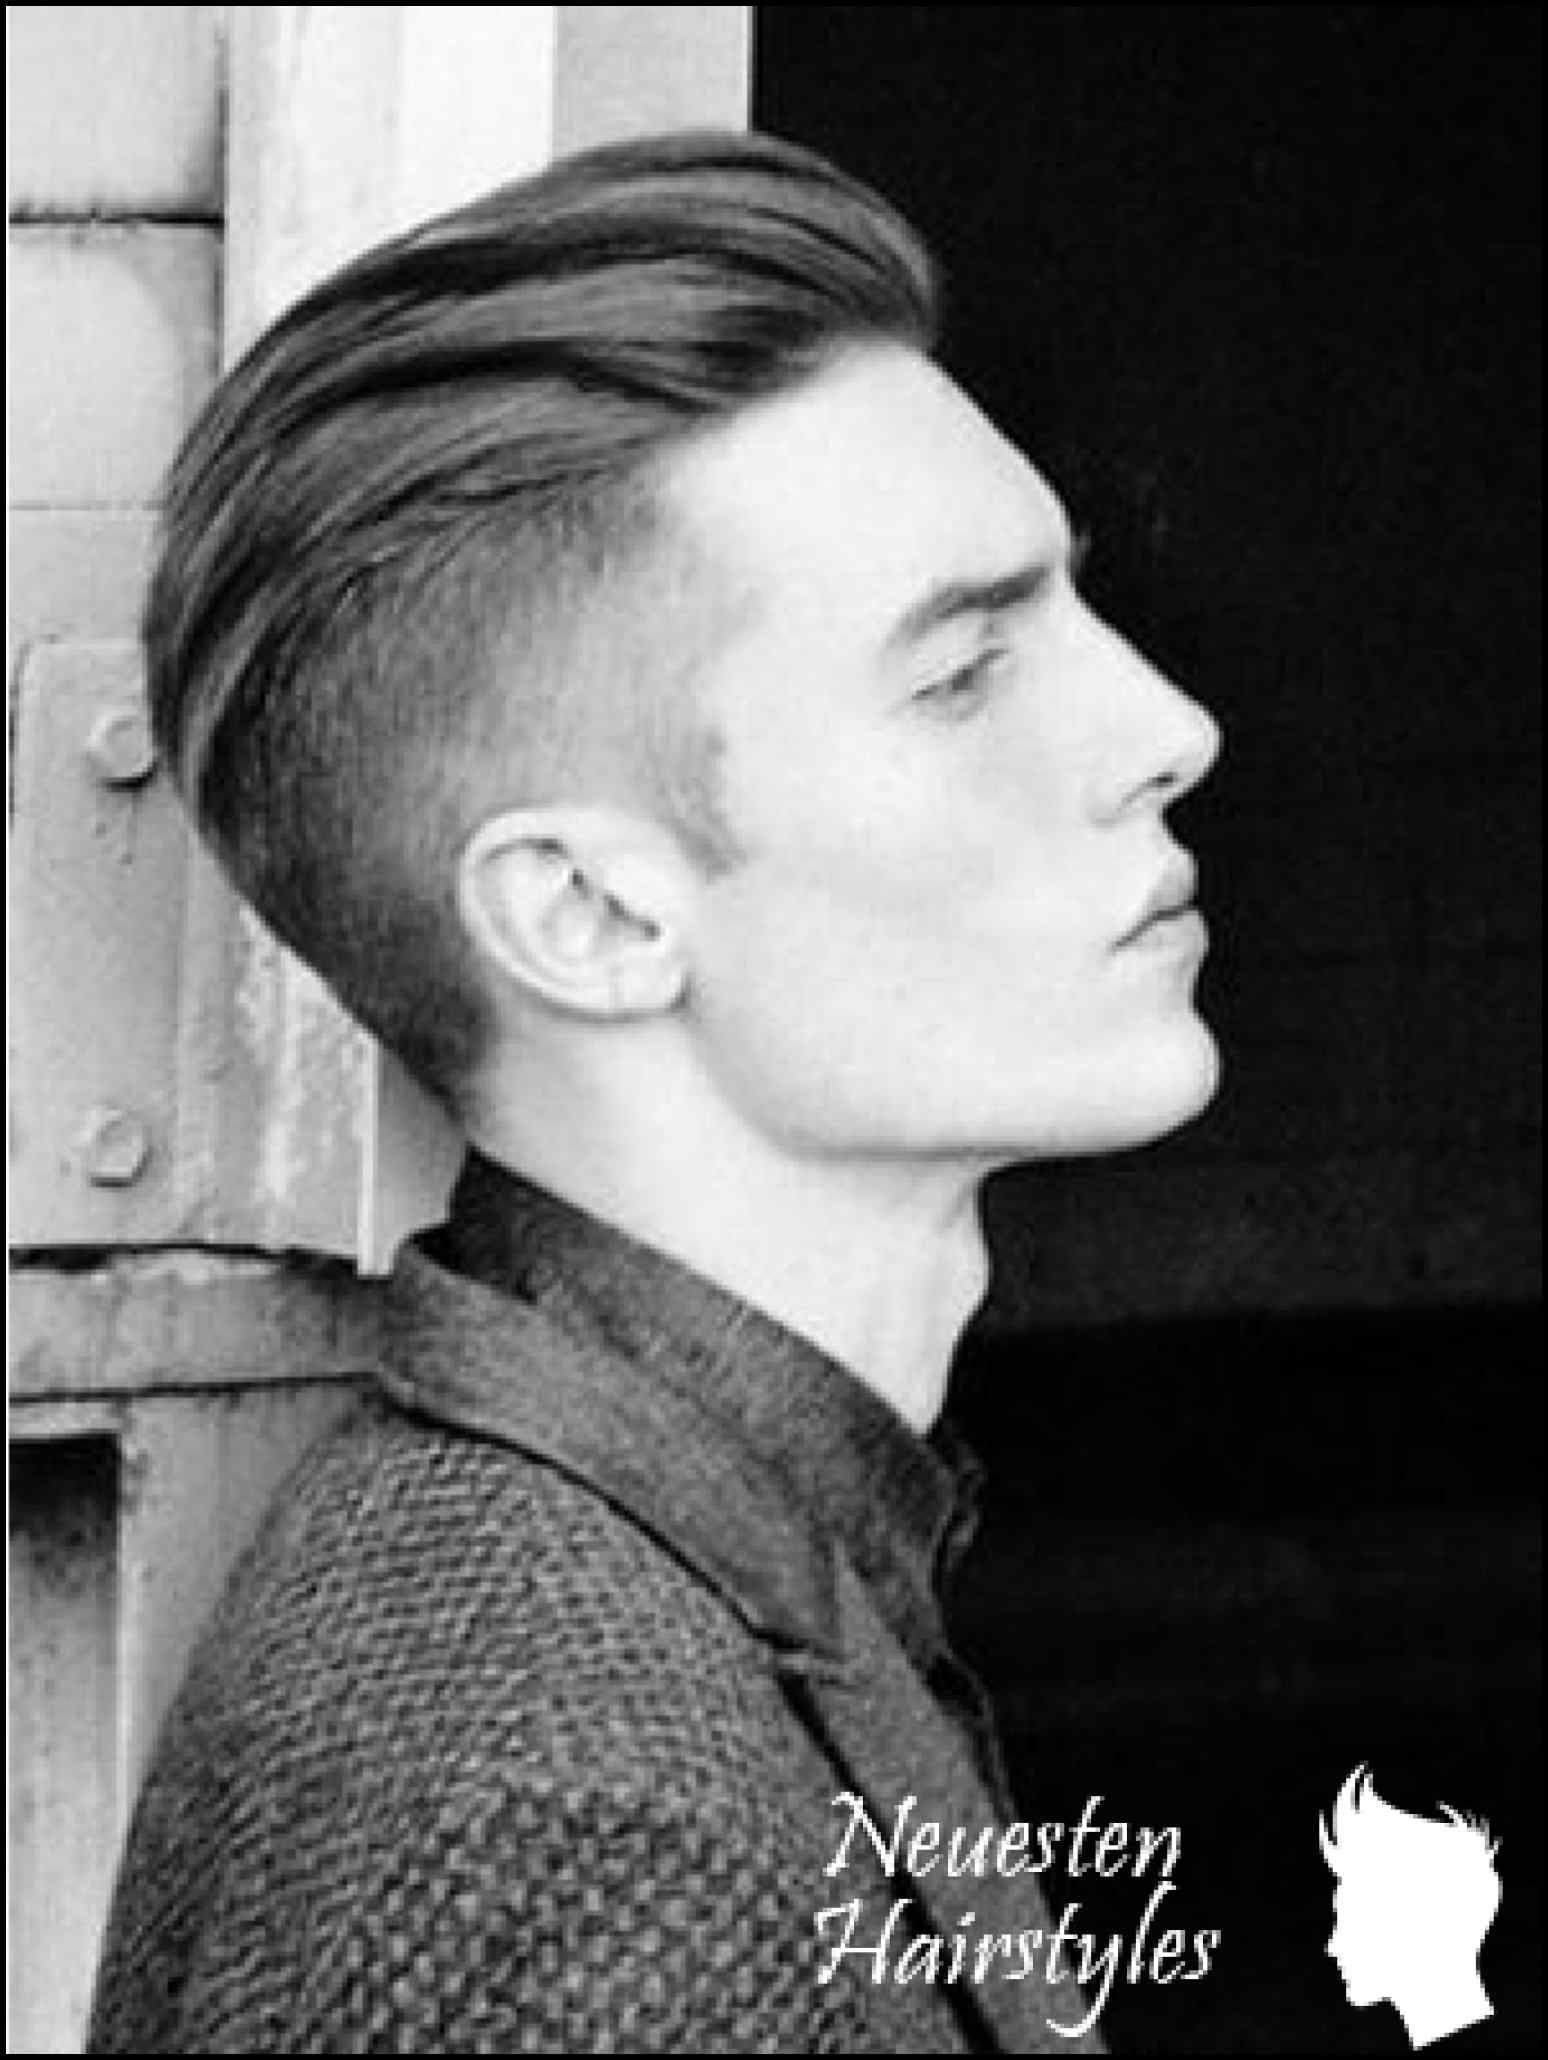 Uppercut  Hairstyles  Pinterest  Haarschnitt männer, Männer